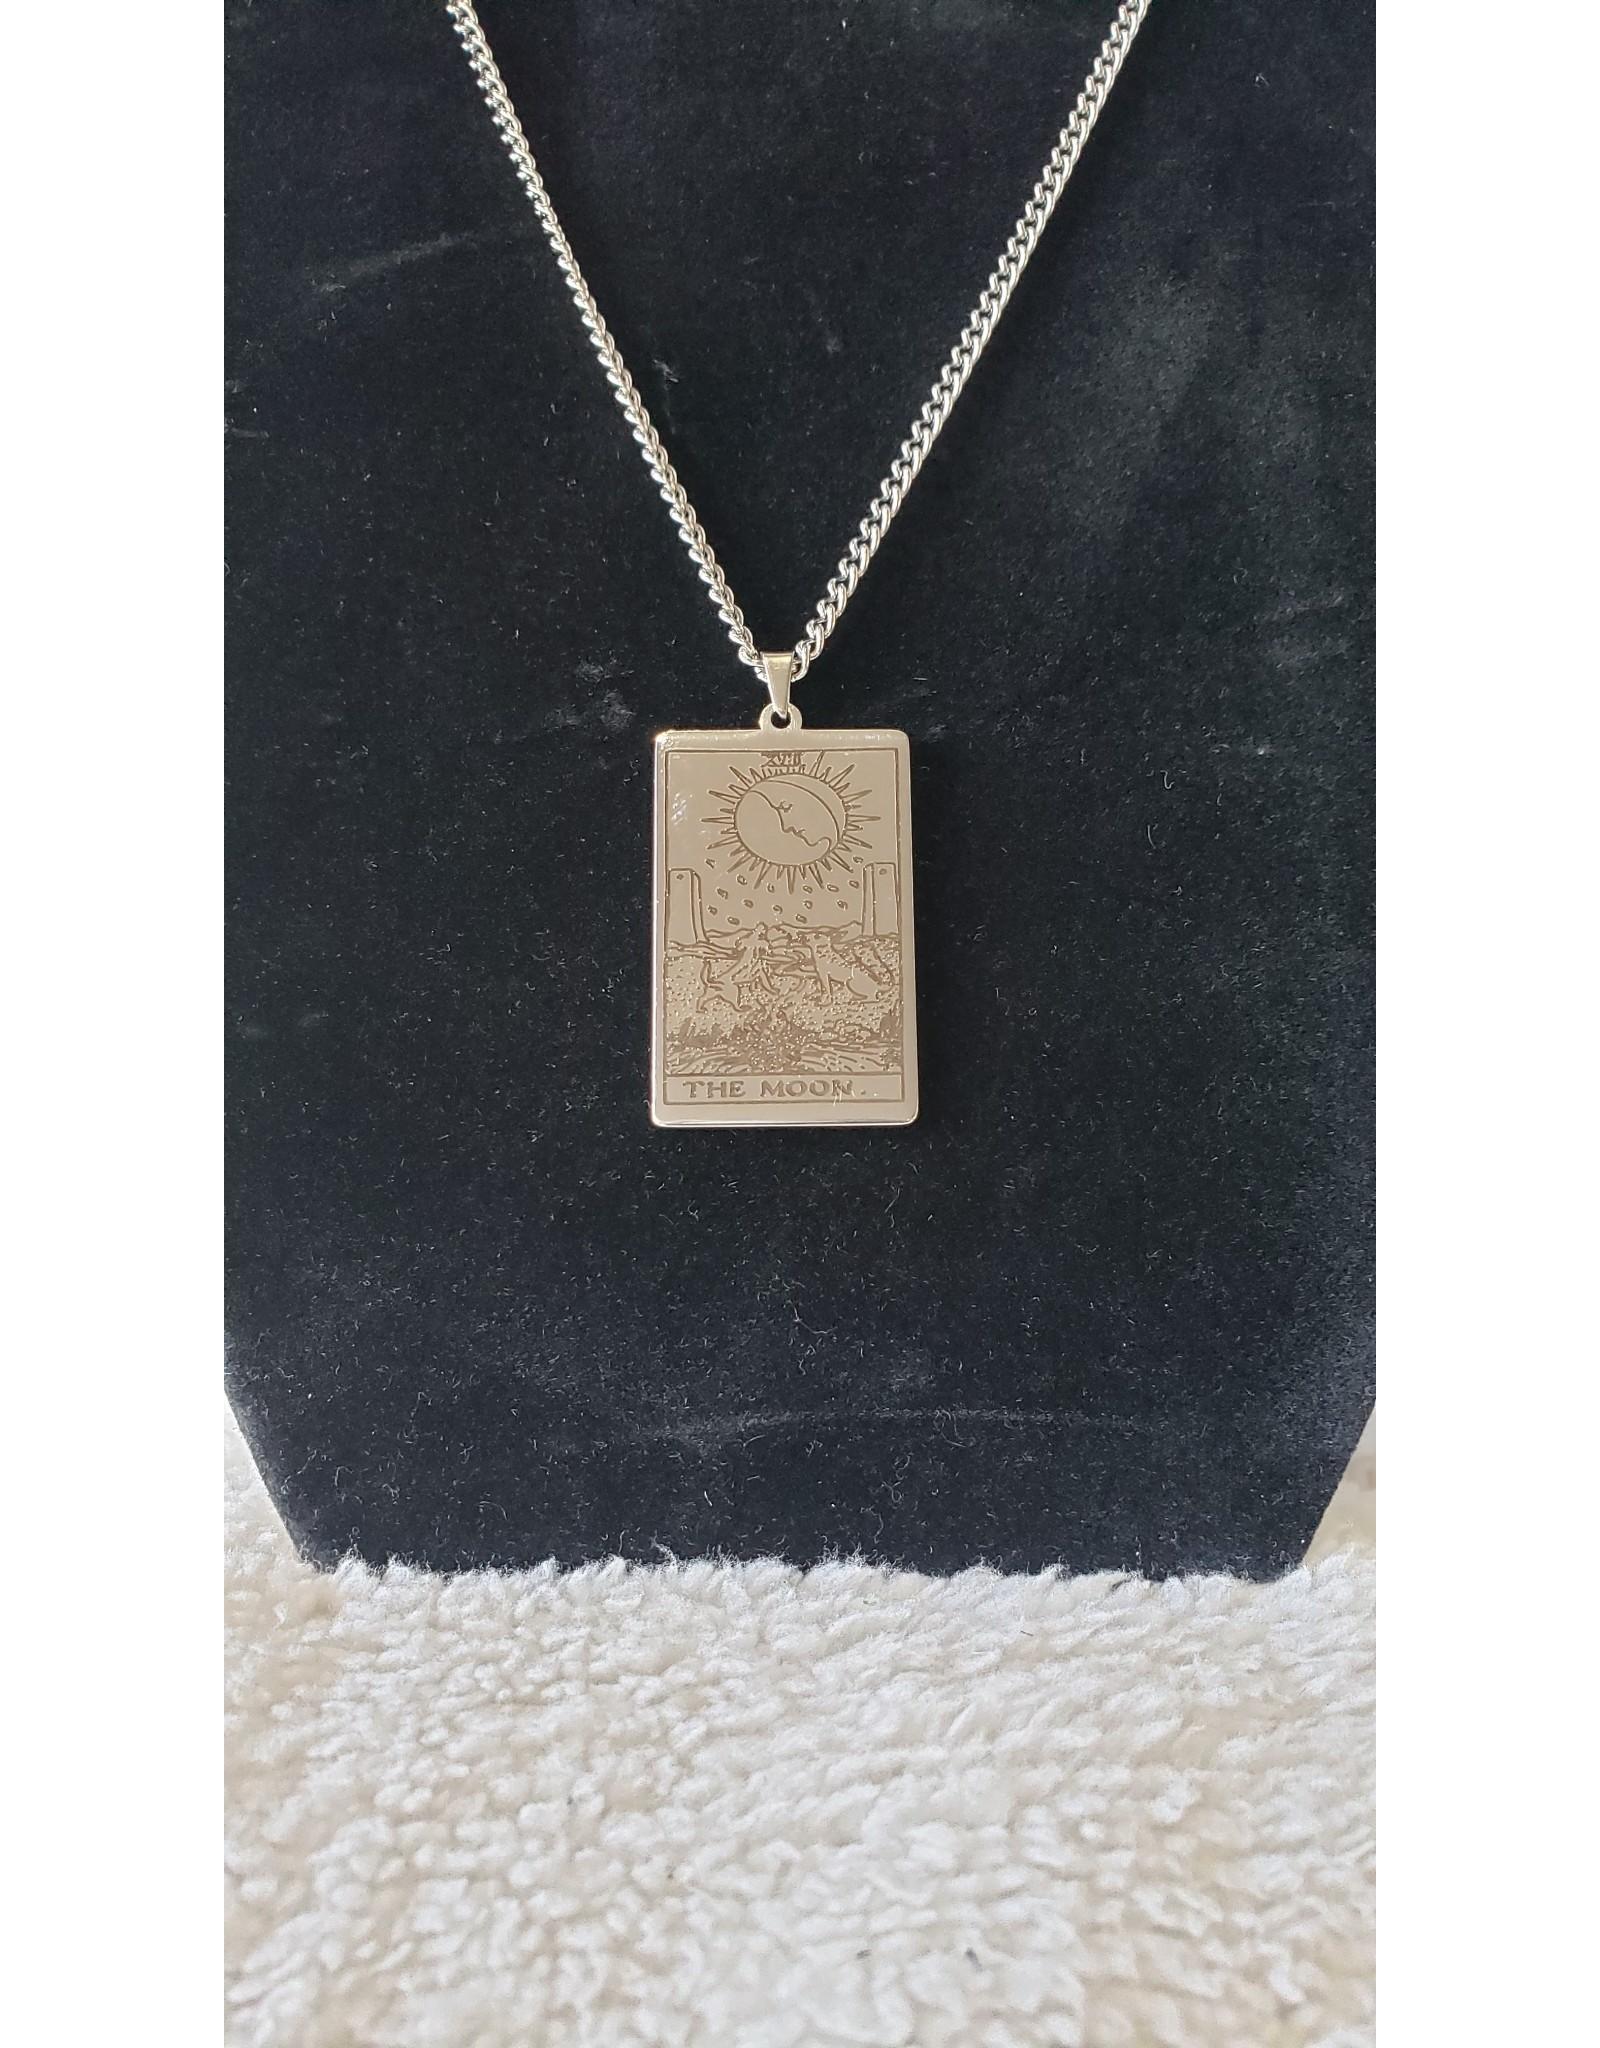 Todd Vonstein Assorted Silver Tarot Card Necklaces